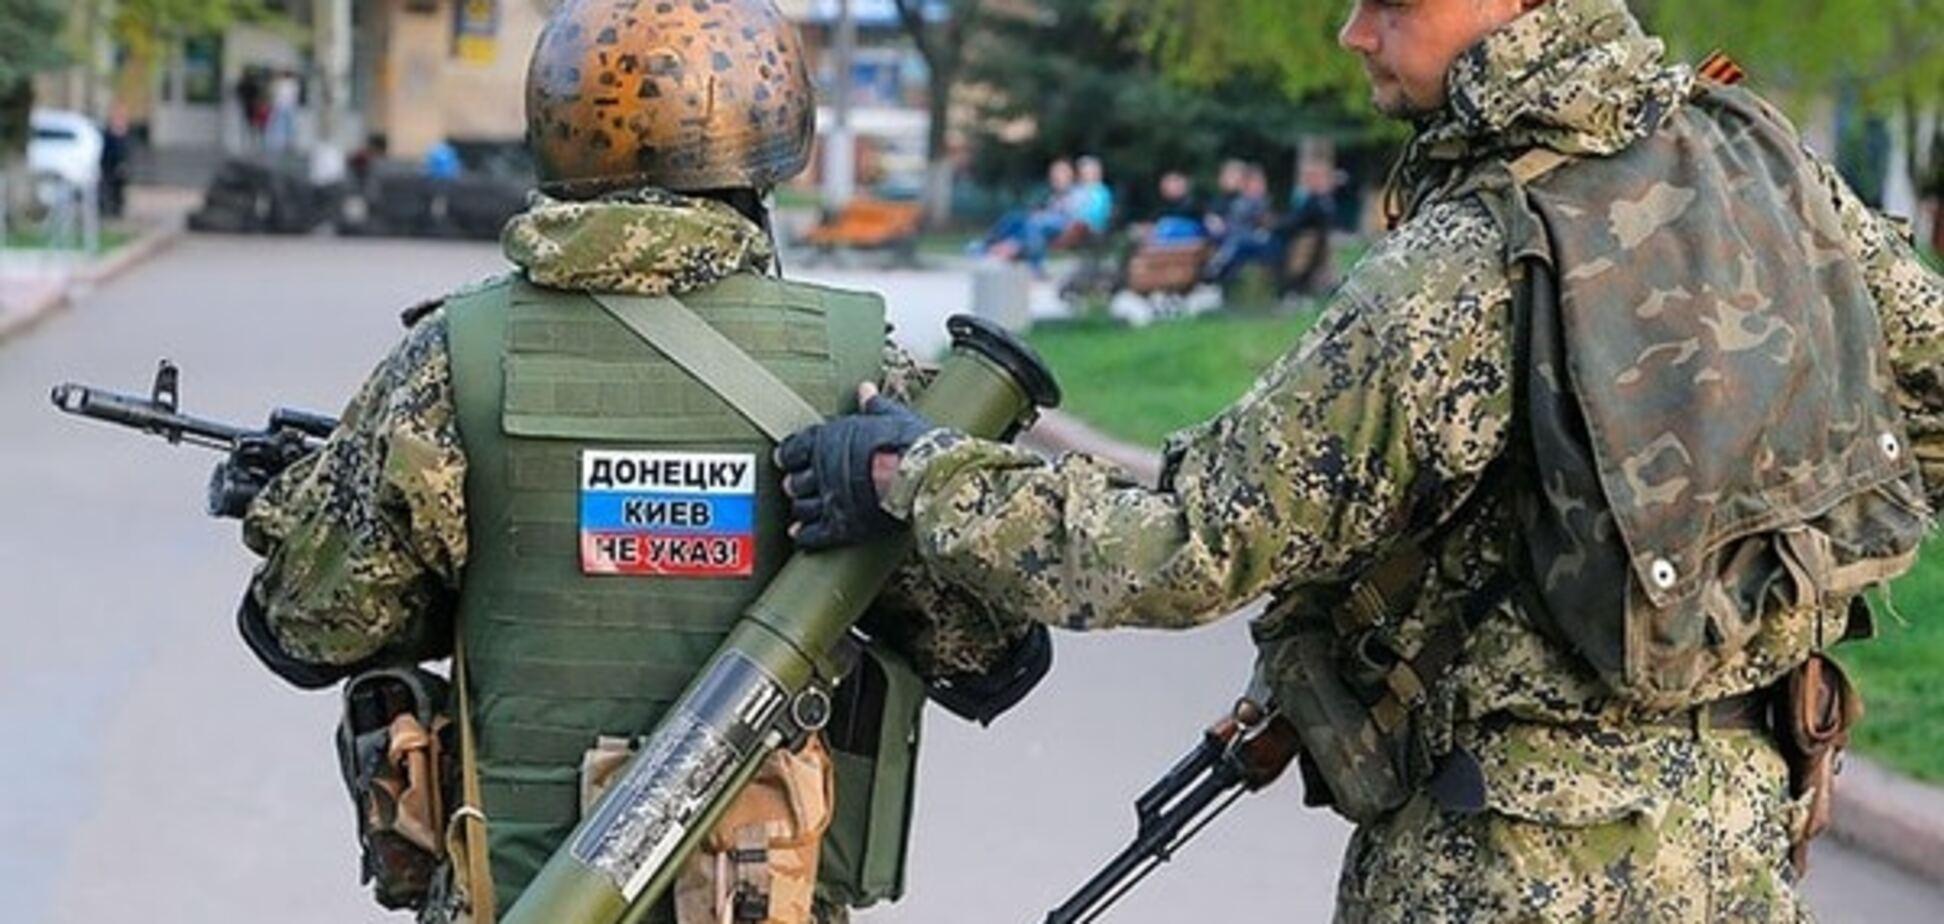 Пошли на штурм: украинские военные сообщили об обострении ситуации на Донбассе